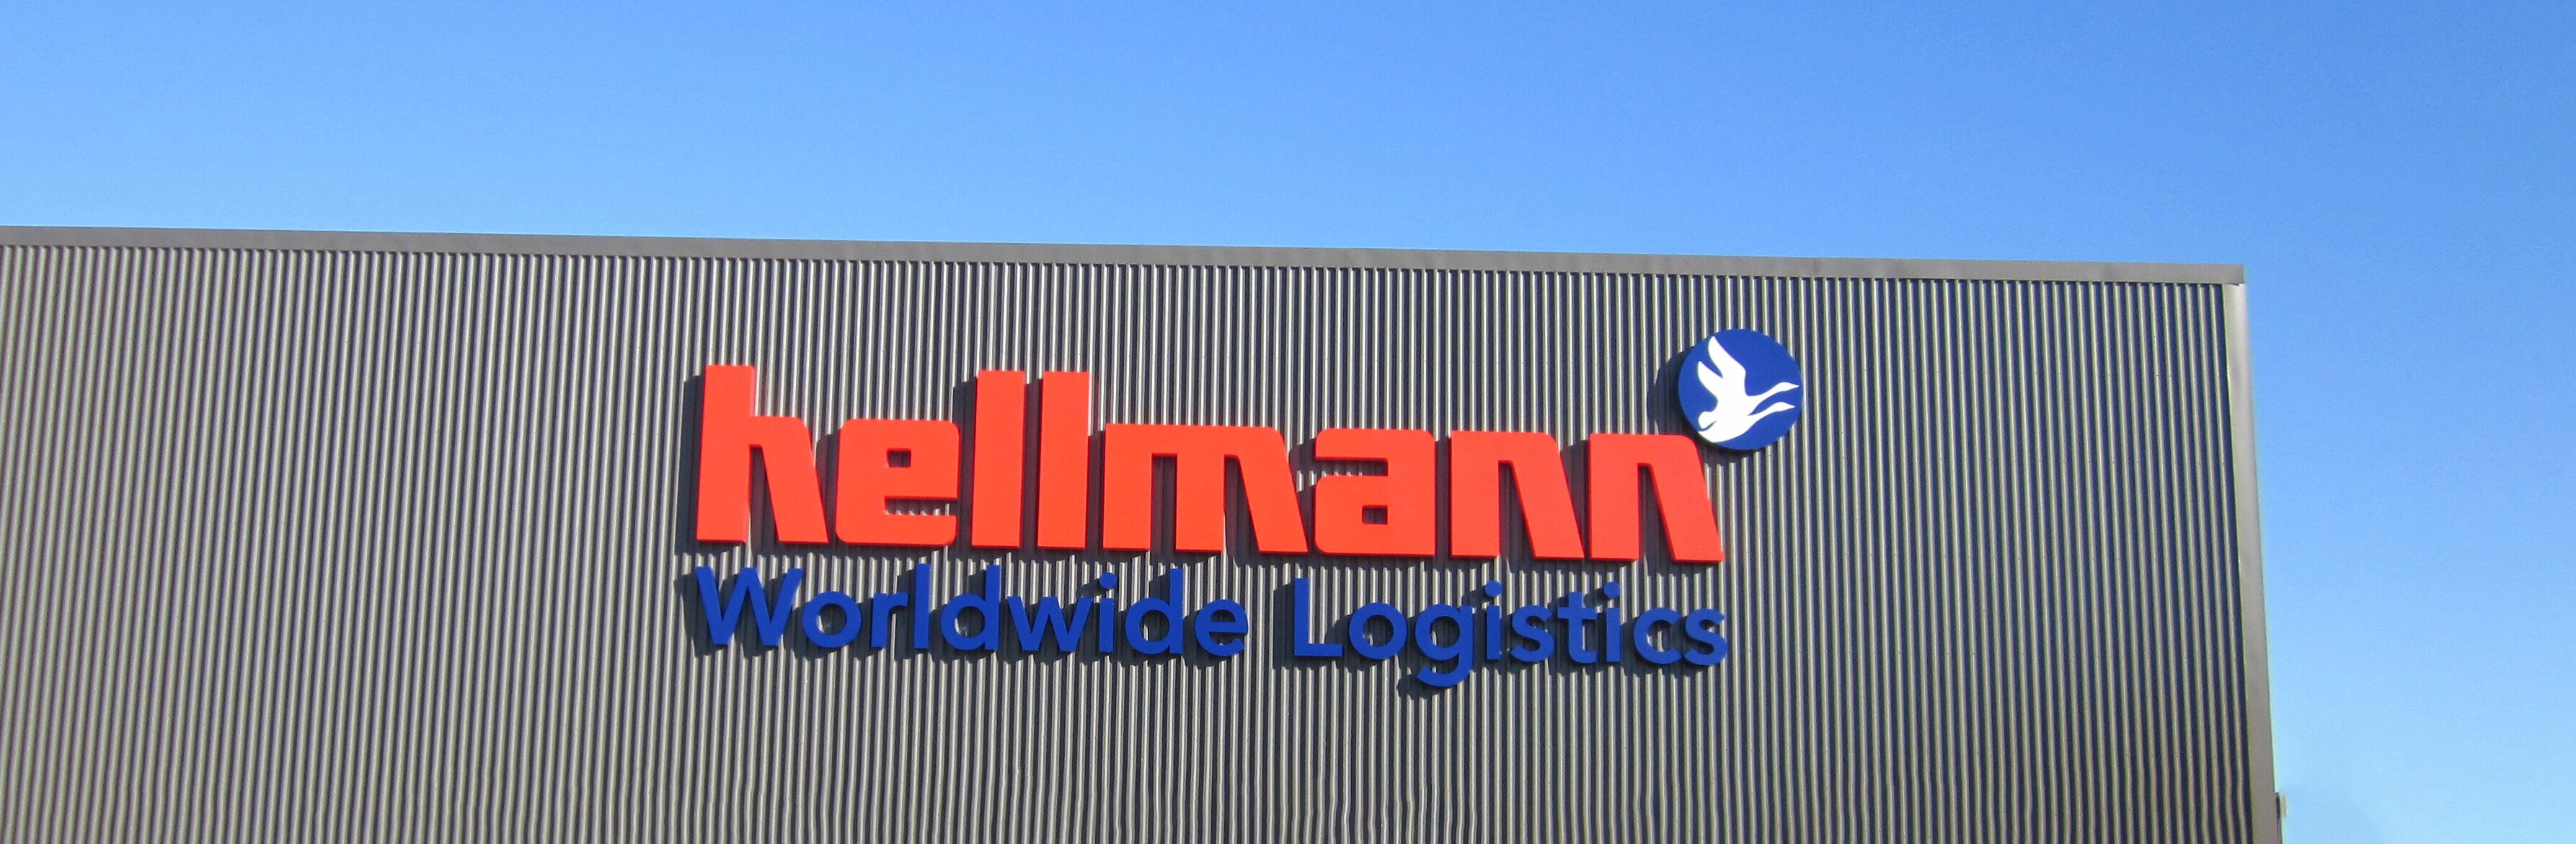 Hellmann  edit x